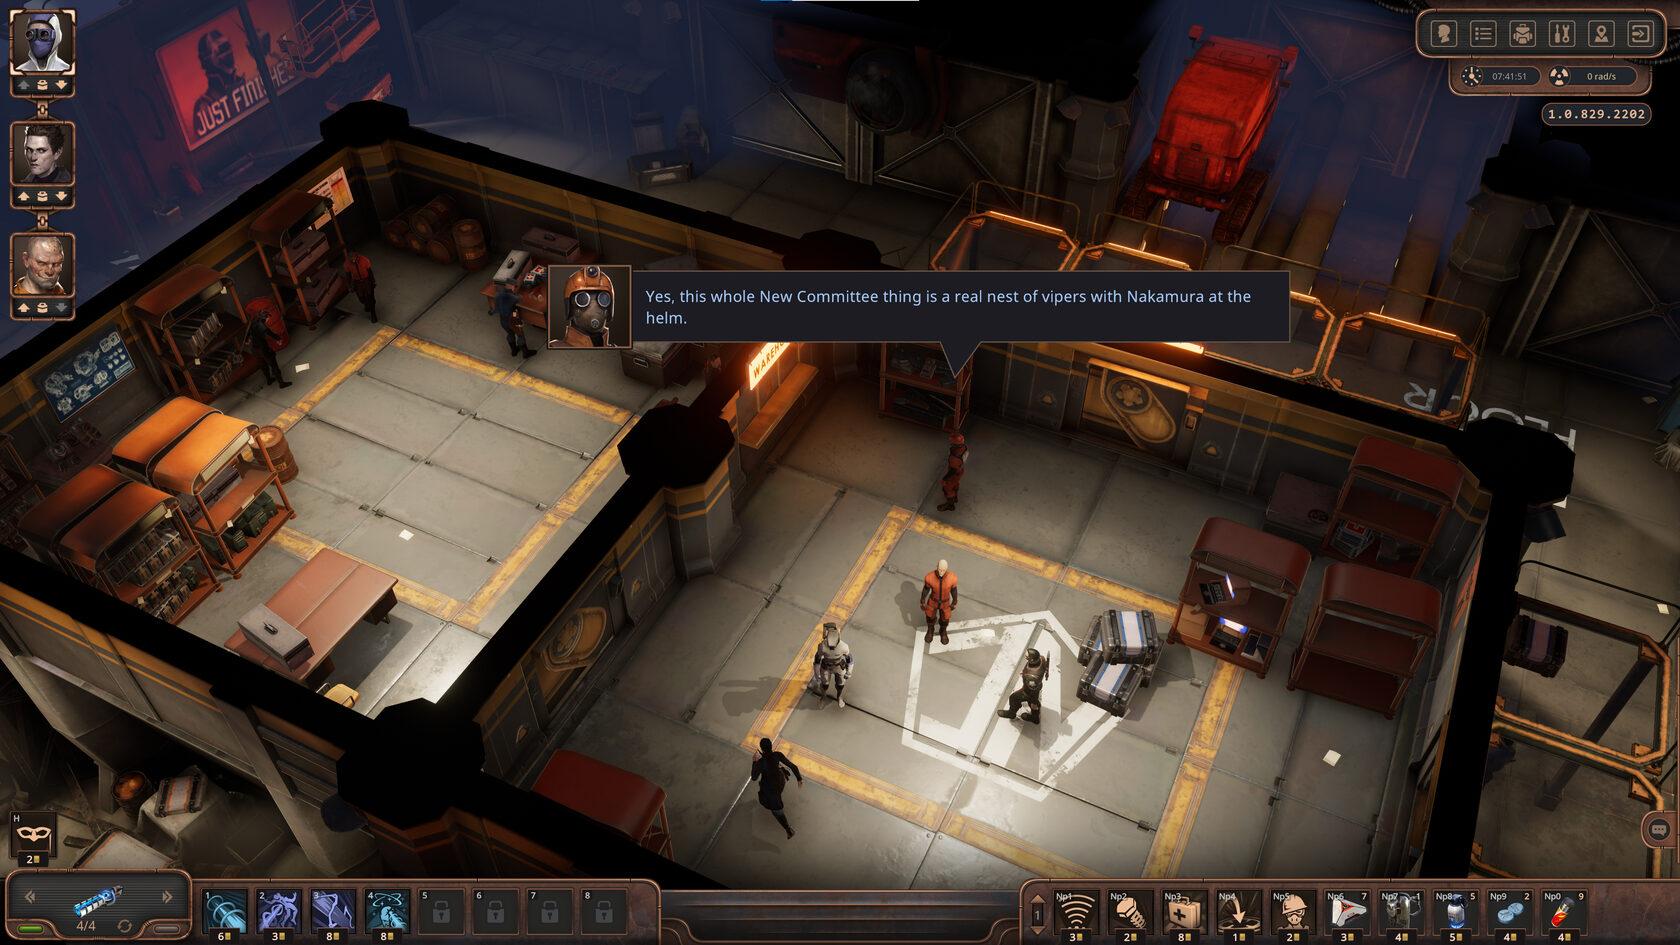 Análise Arkade - Conheça Encased, RPG isométrico que retorna às raízes de Fallout